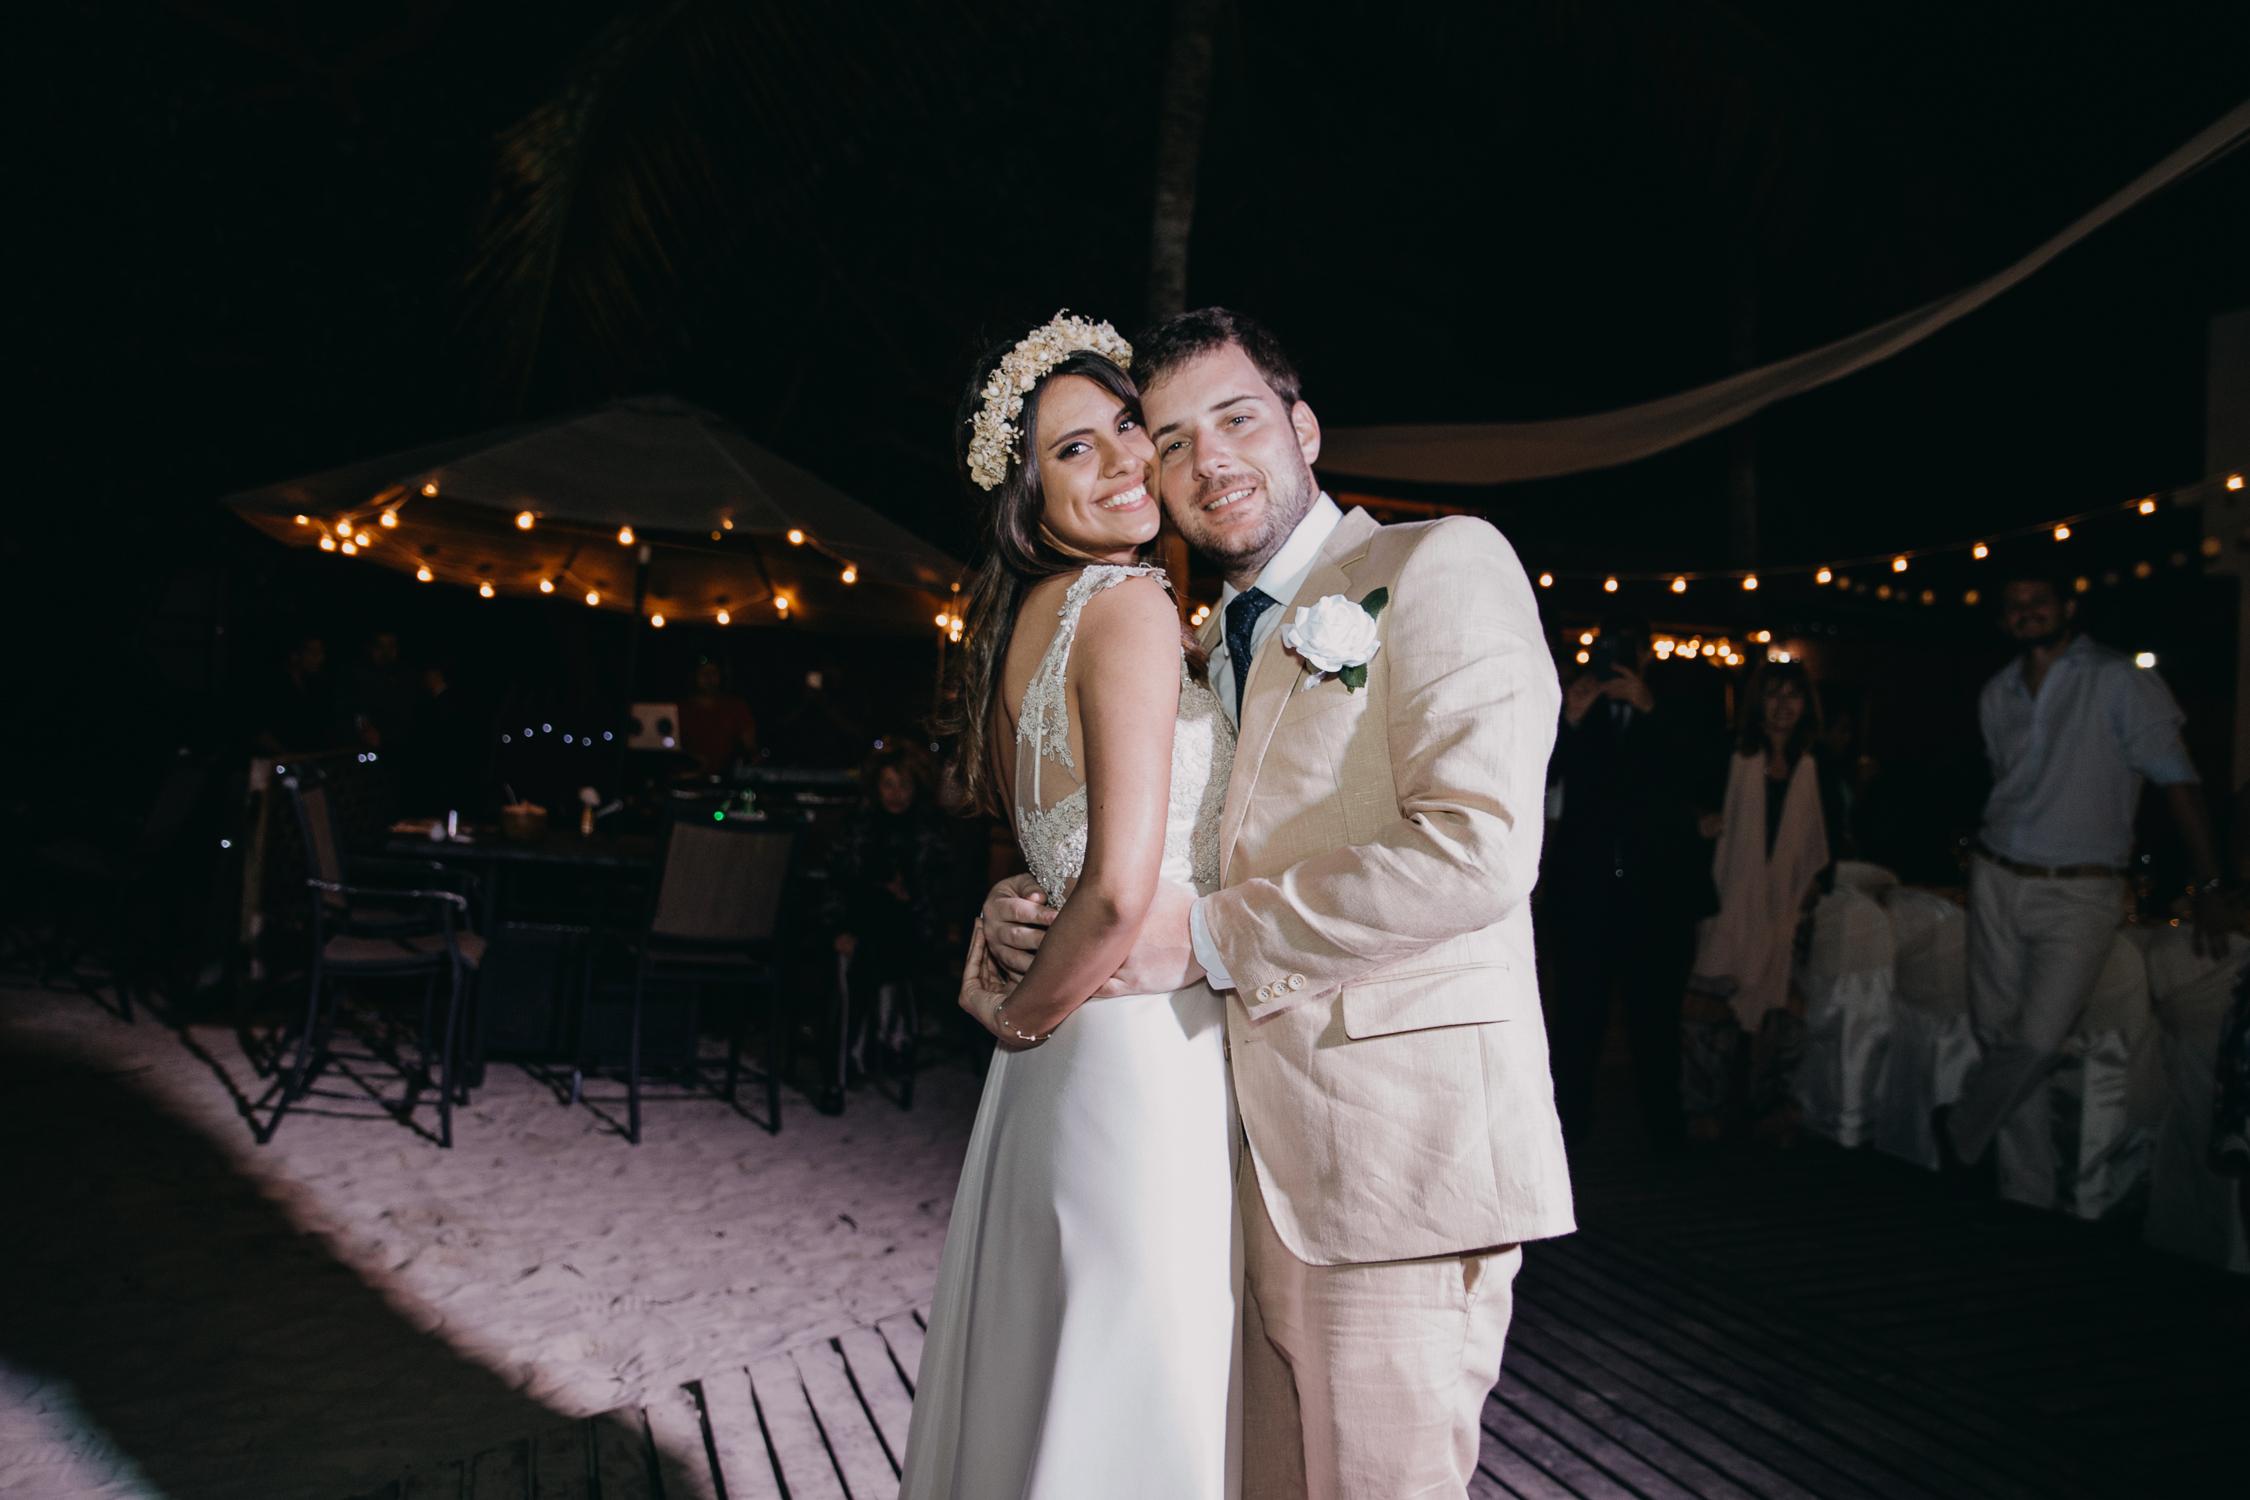 Michelle-Agurto-Fotografia-Bodas-Ecuador-Destination-Wedding-Photographer-Galapagos-Andrea-Joaquin-349.JPG